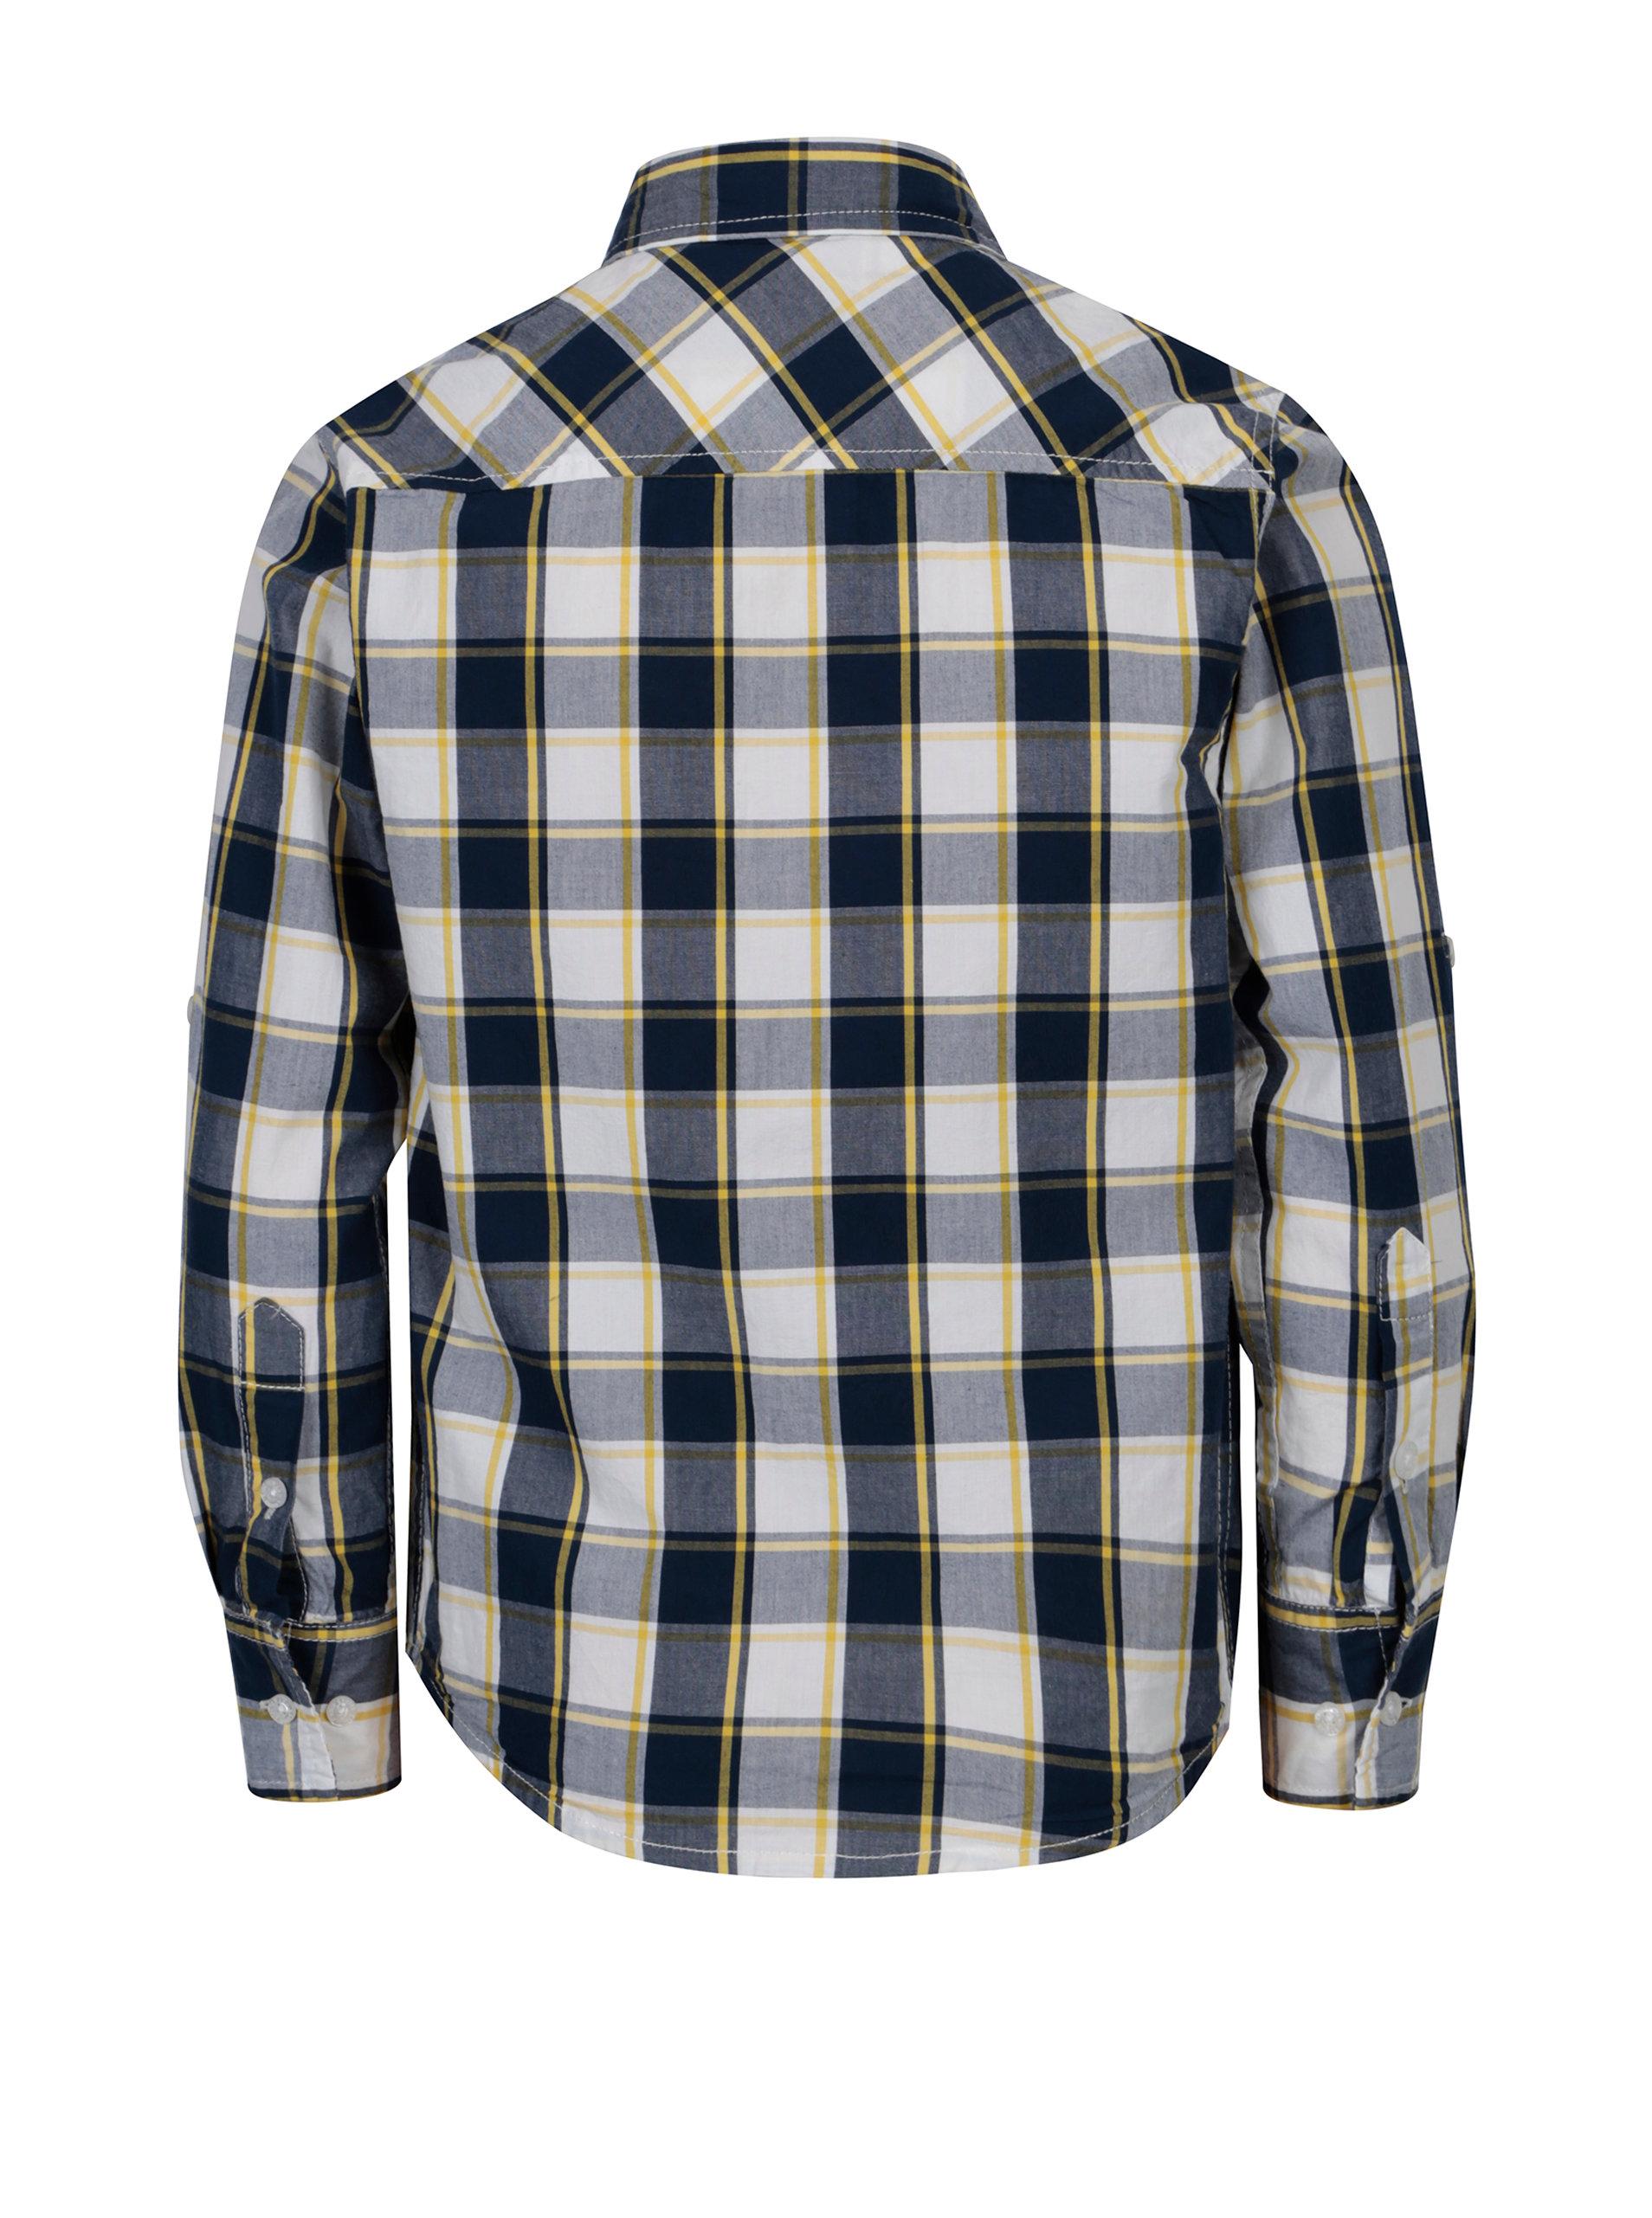 d75333f2e08e Modrá chlapčenská károvaná košeľa s dlhým rukávom 5.10.15.